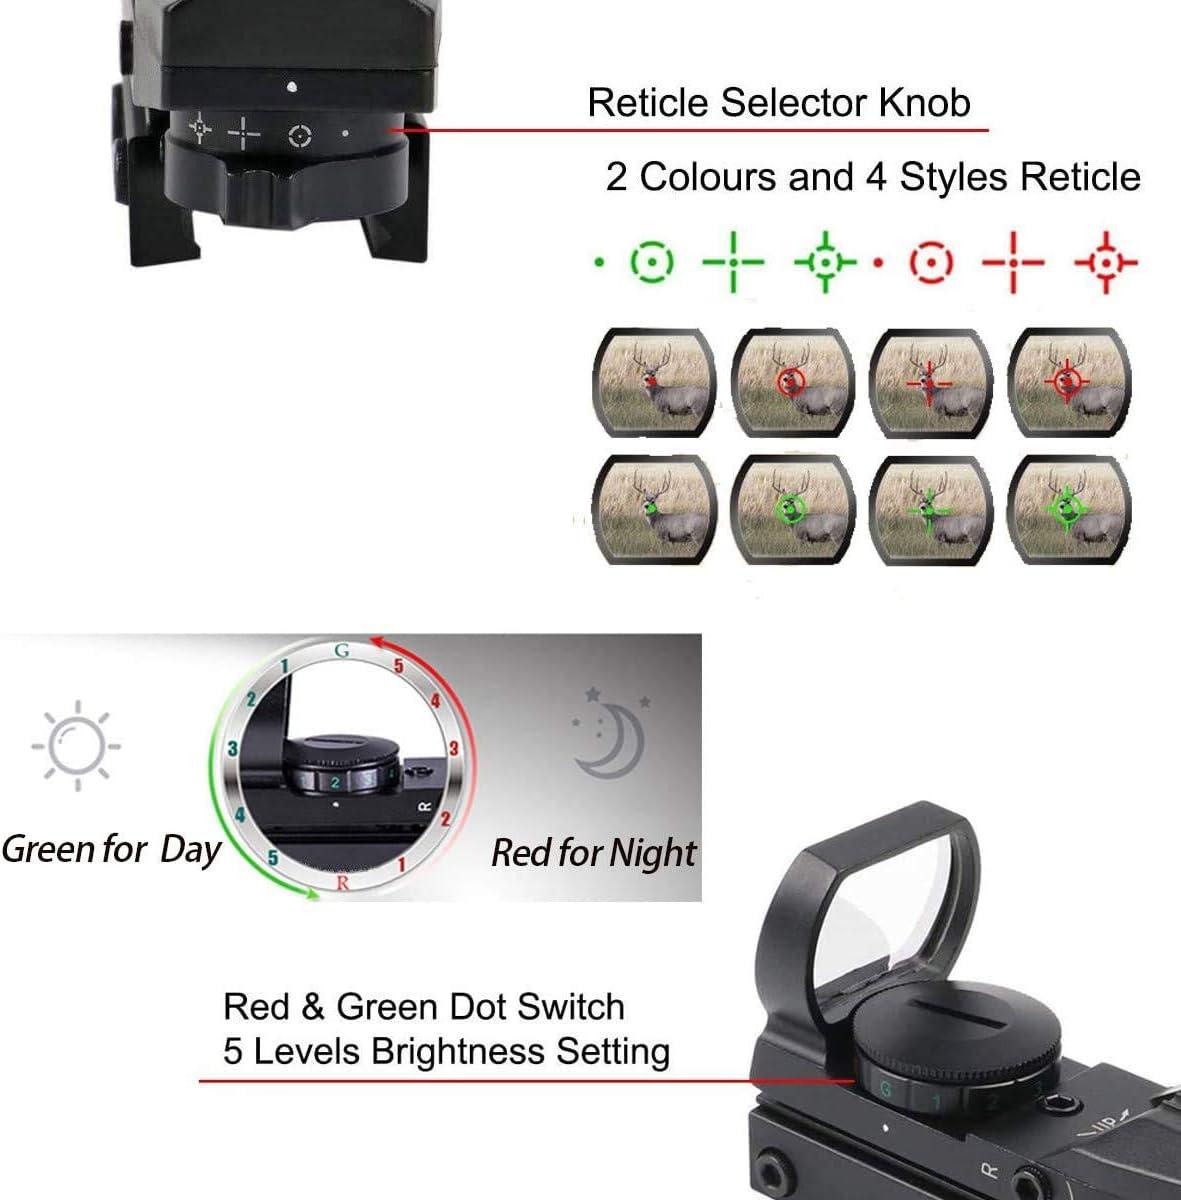 Svbony Red Dot Visier 1x22x33 Leuchtpunktvisier 20mm Rotpunktvisier Schiene Reflexvisier mit 5 Ebene Helligkeitsregelung